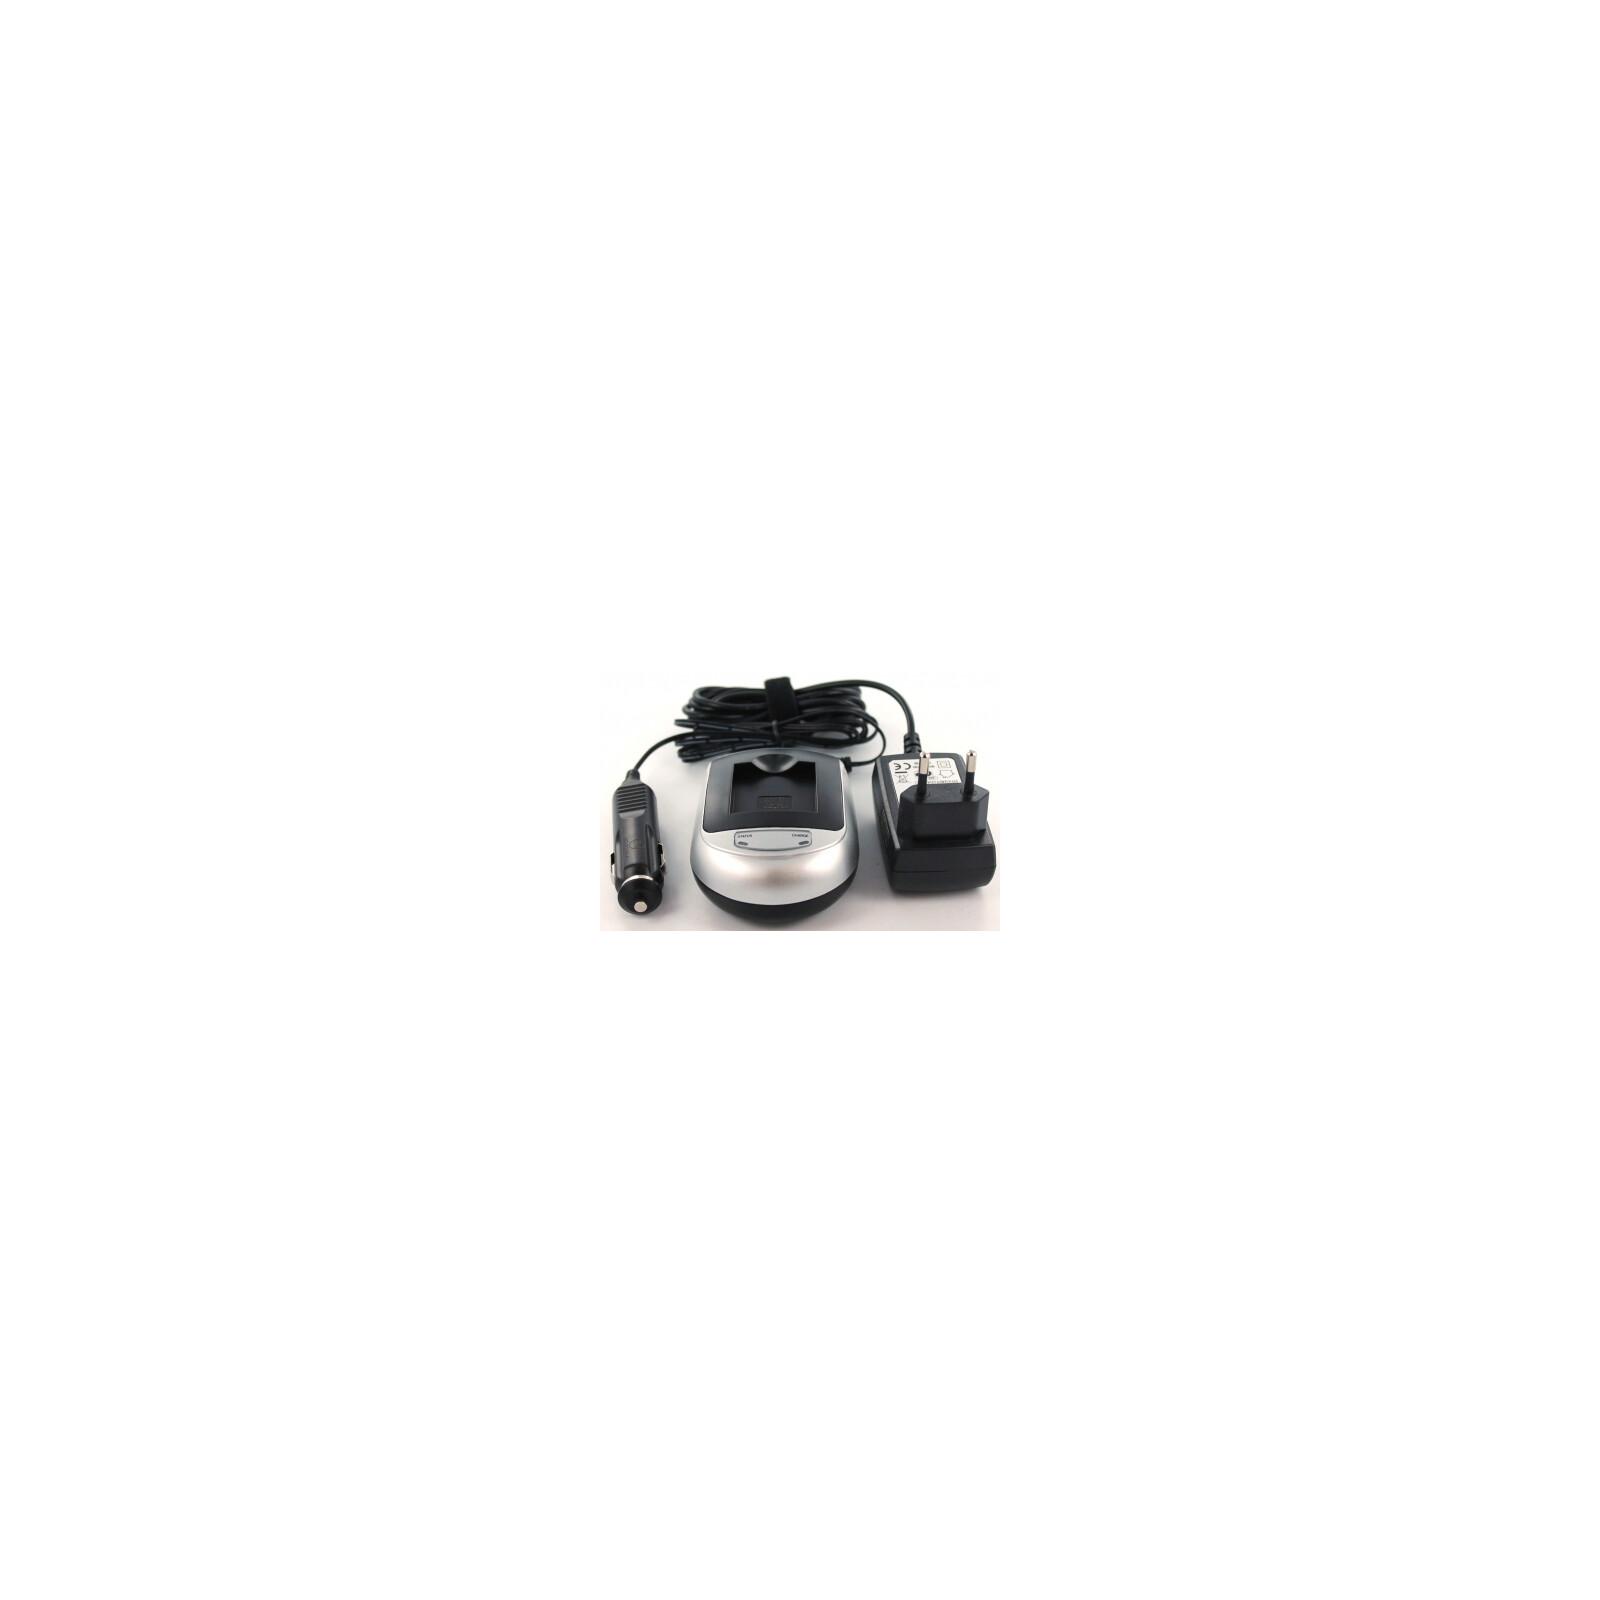 AGI 71023 Ladegerät Sony DSC-S750